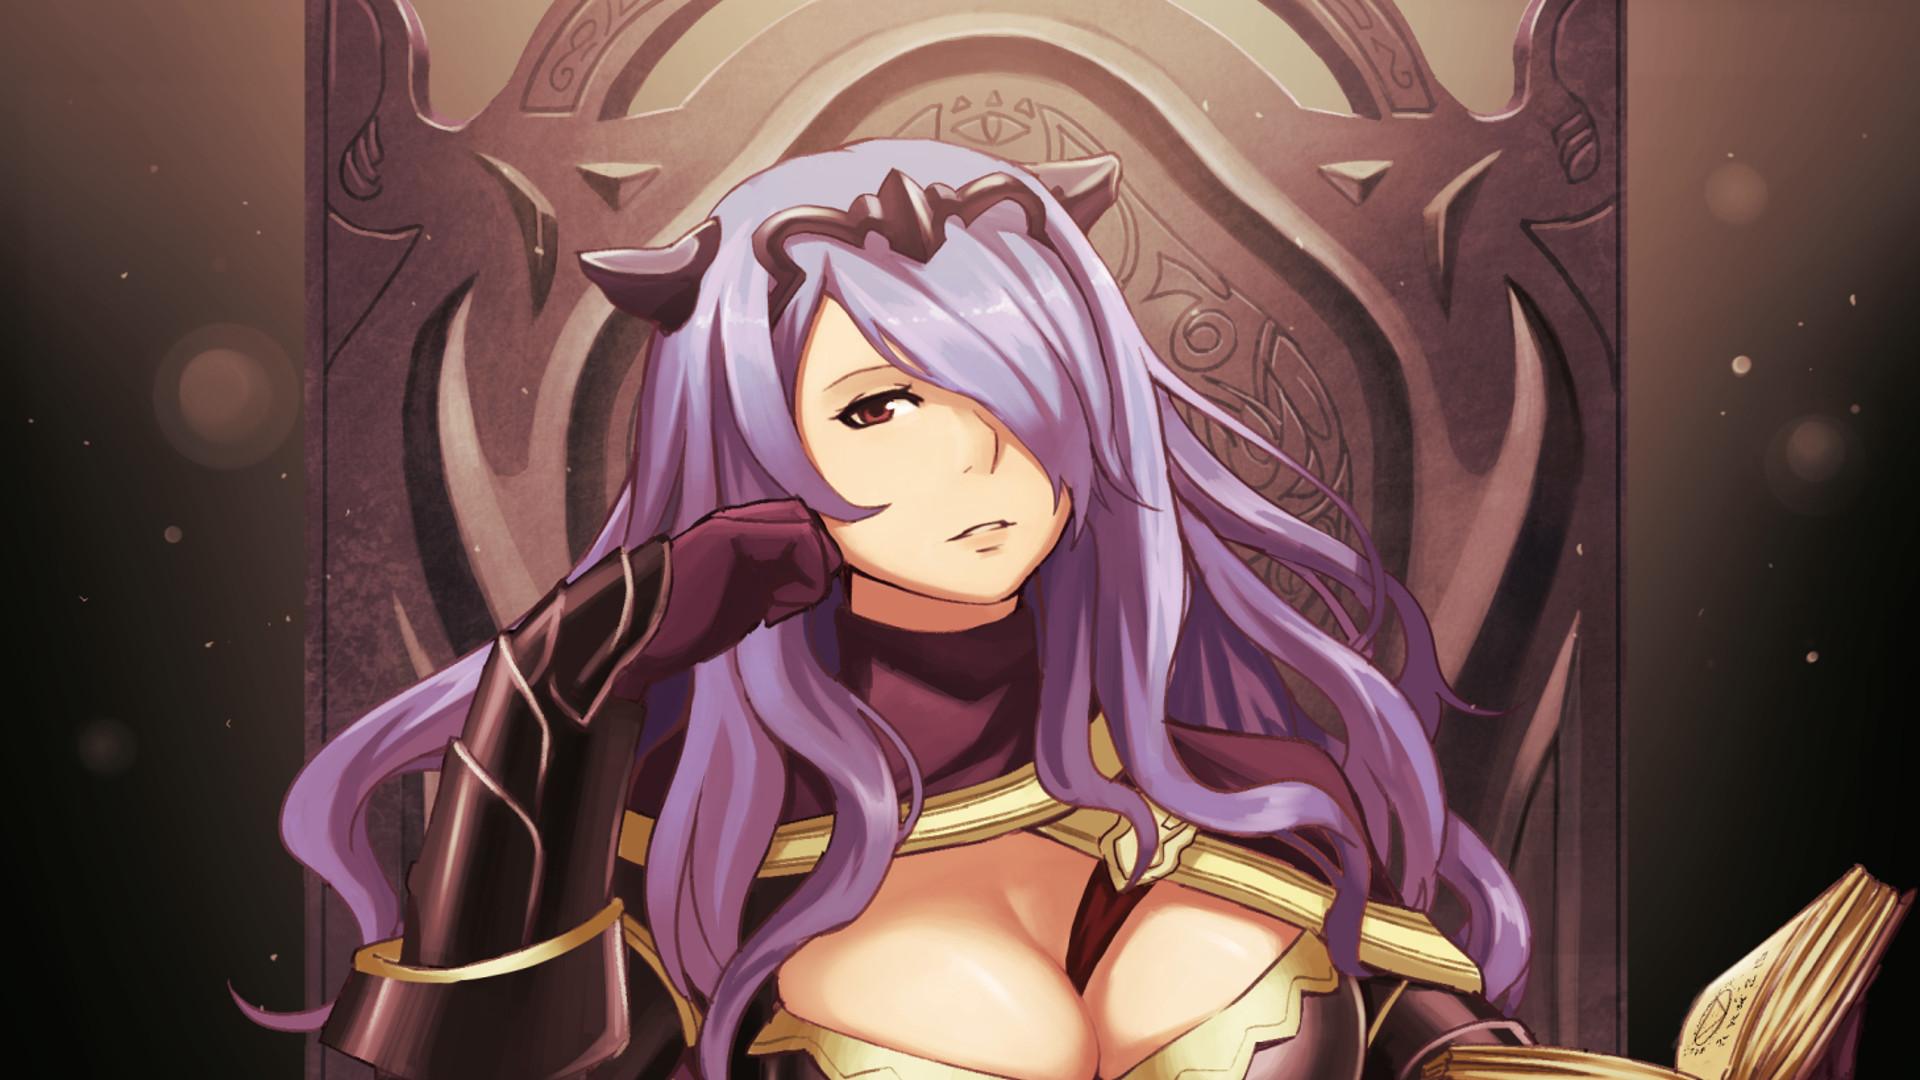 Video Game Fire Emblem Fates Armor Camilla Wallpaper